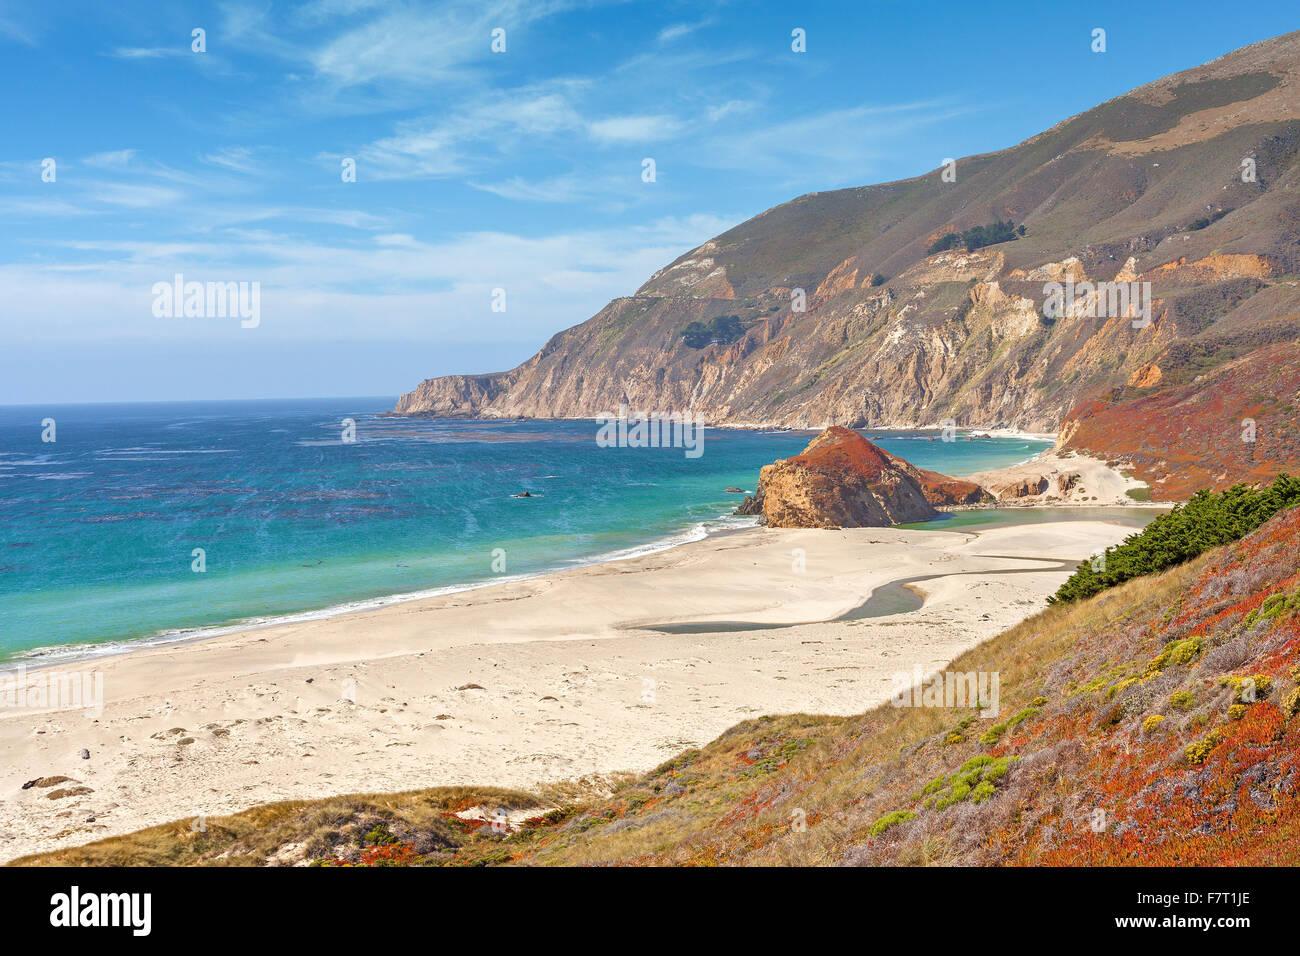 A lo largo de la costa de California Pacific Coast Highway, EE.UU.. Imagen De Stock